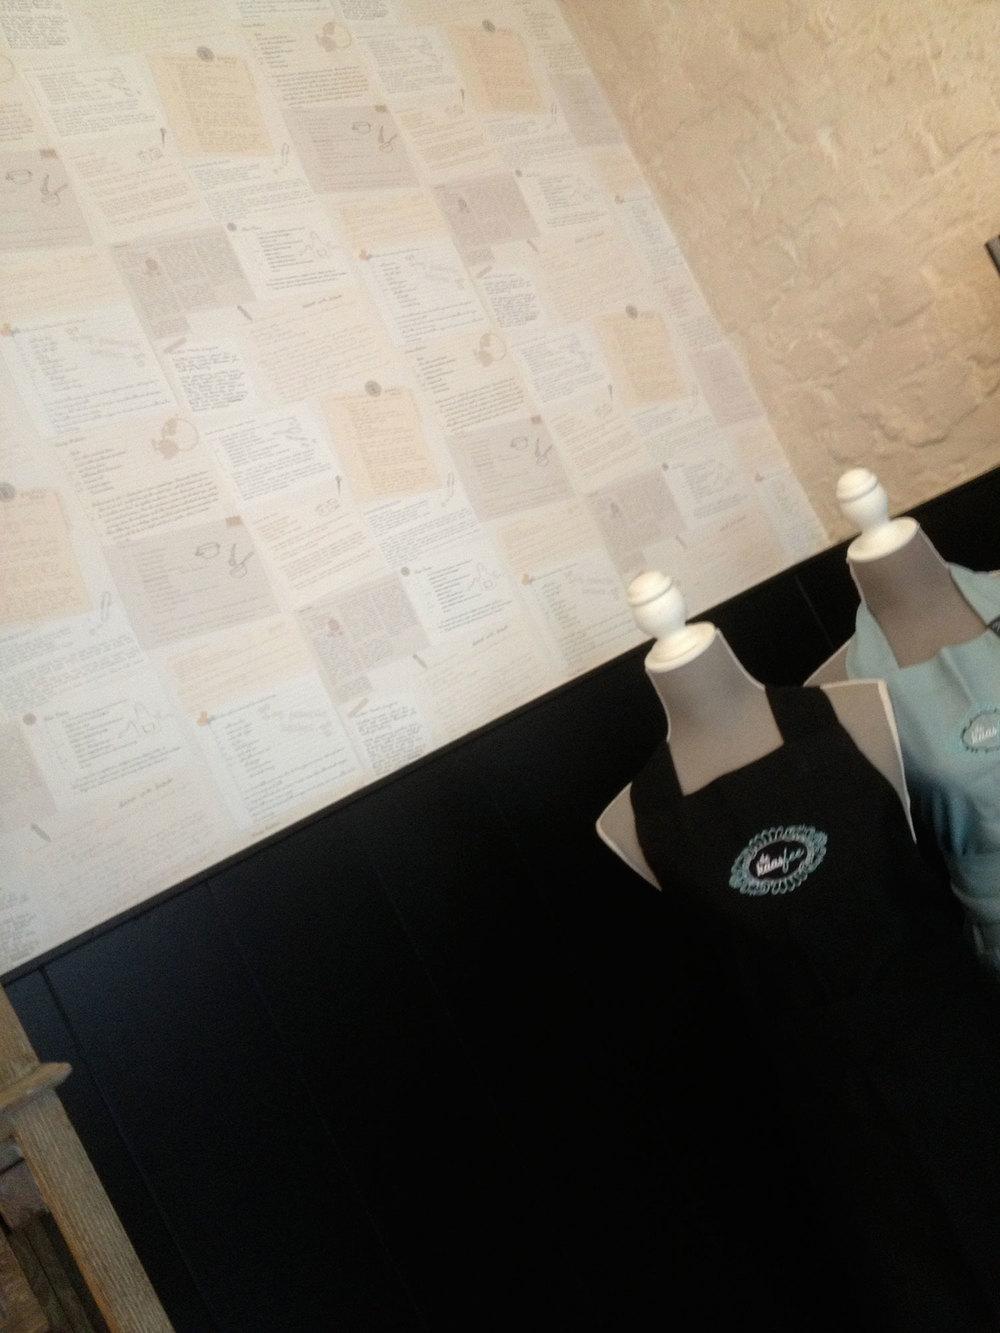 behangpapier + modieuze schort.De kaasfee had een duidelijke visie en smaak. We doorsnuffelden samen het unieke behangpapier van de gezusters Priem in Gent. Uiteindelijk won dit prachtige receptenpapier (Flamant) met verve. Excellent idee en mooie keuze van de zaakvoerster!